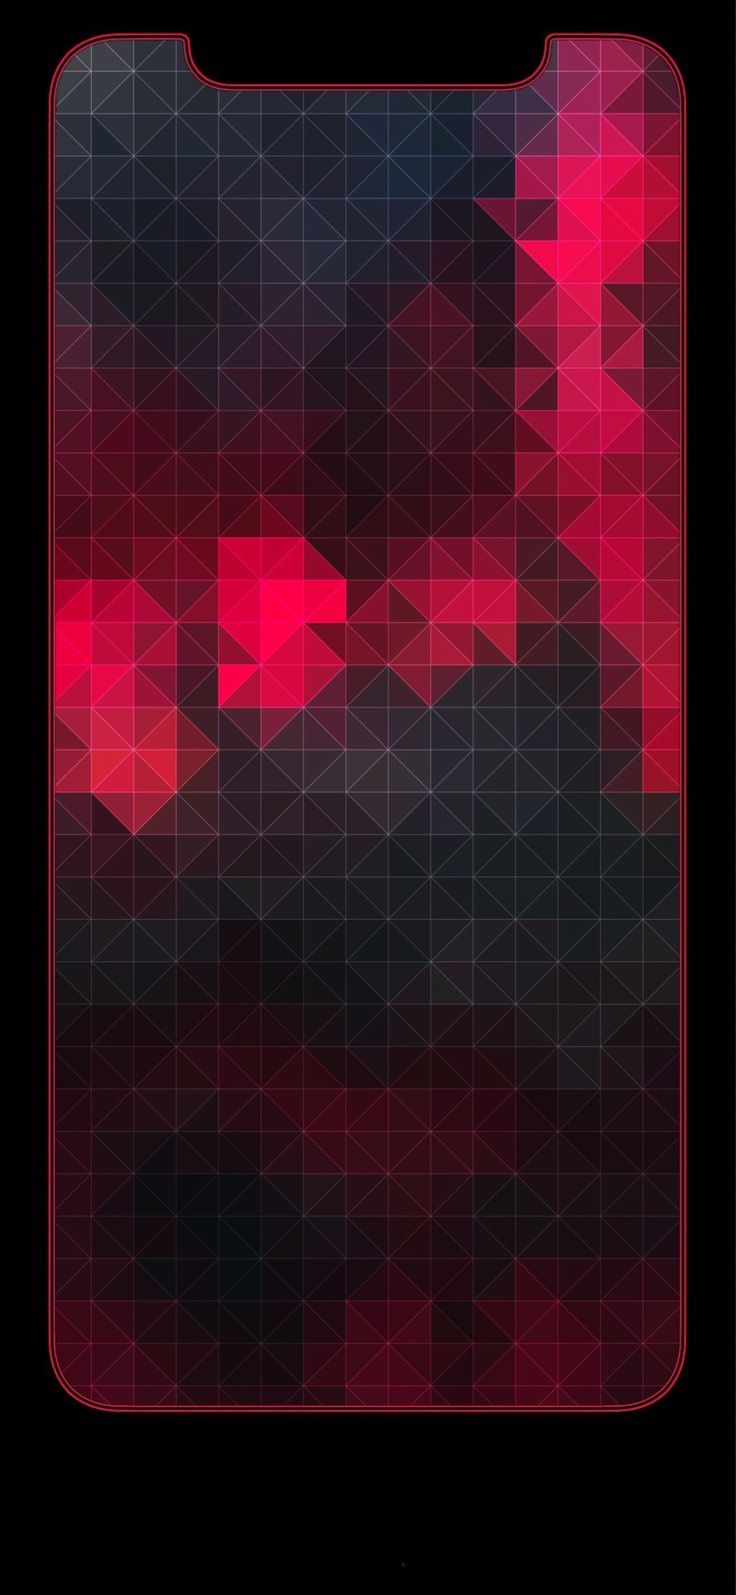 Iphone X Border Star Wars Wallpaper Hd 736x1595 Wallpaper Teahub Io